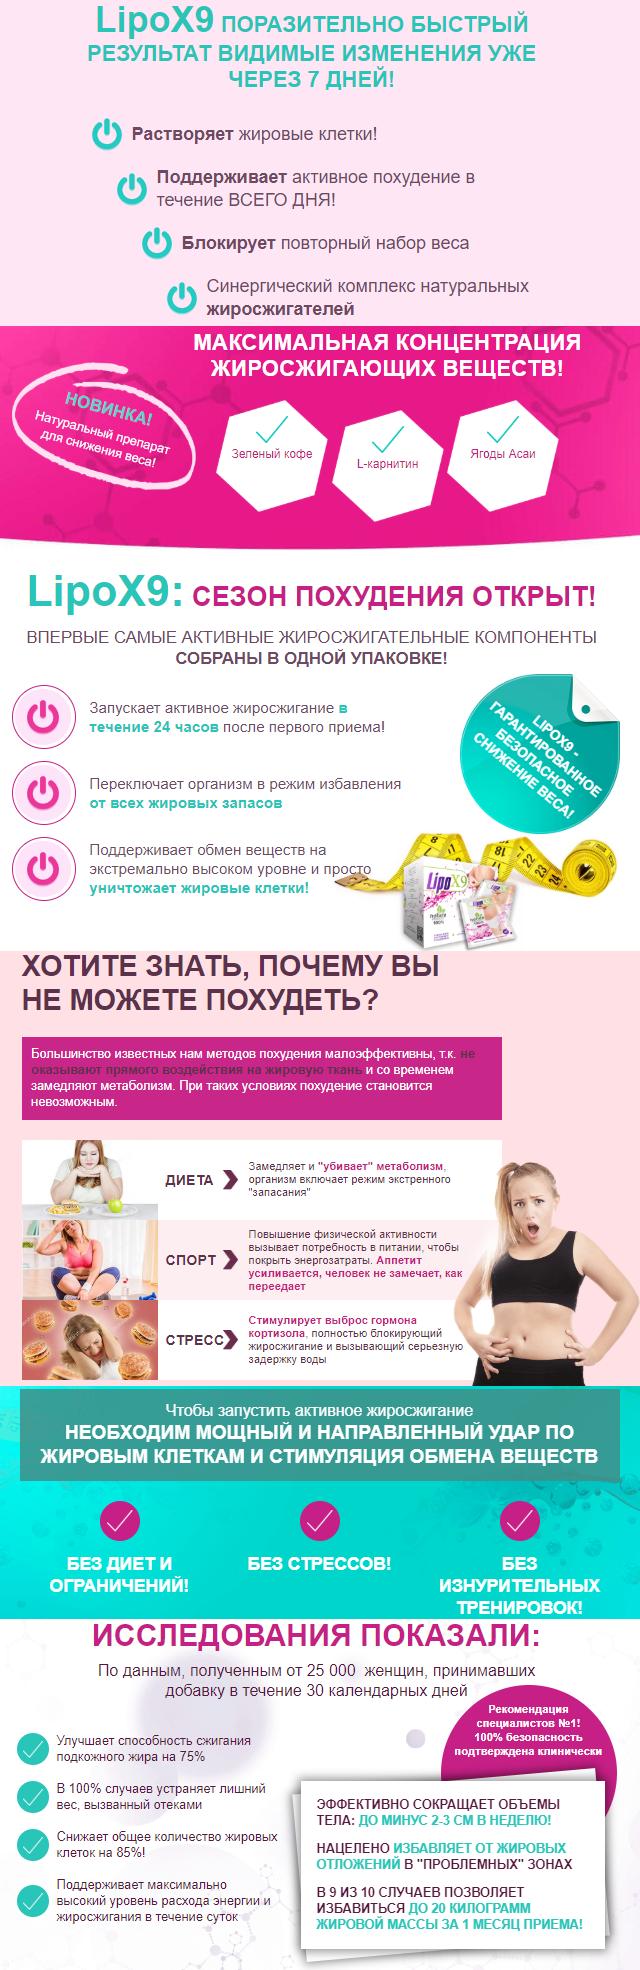 LipoX9 для похудения в Архангельске